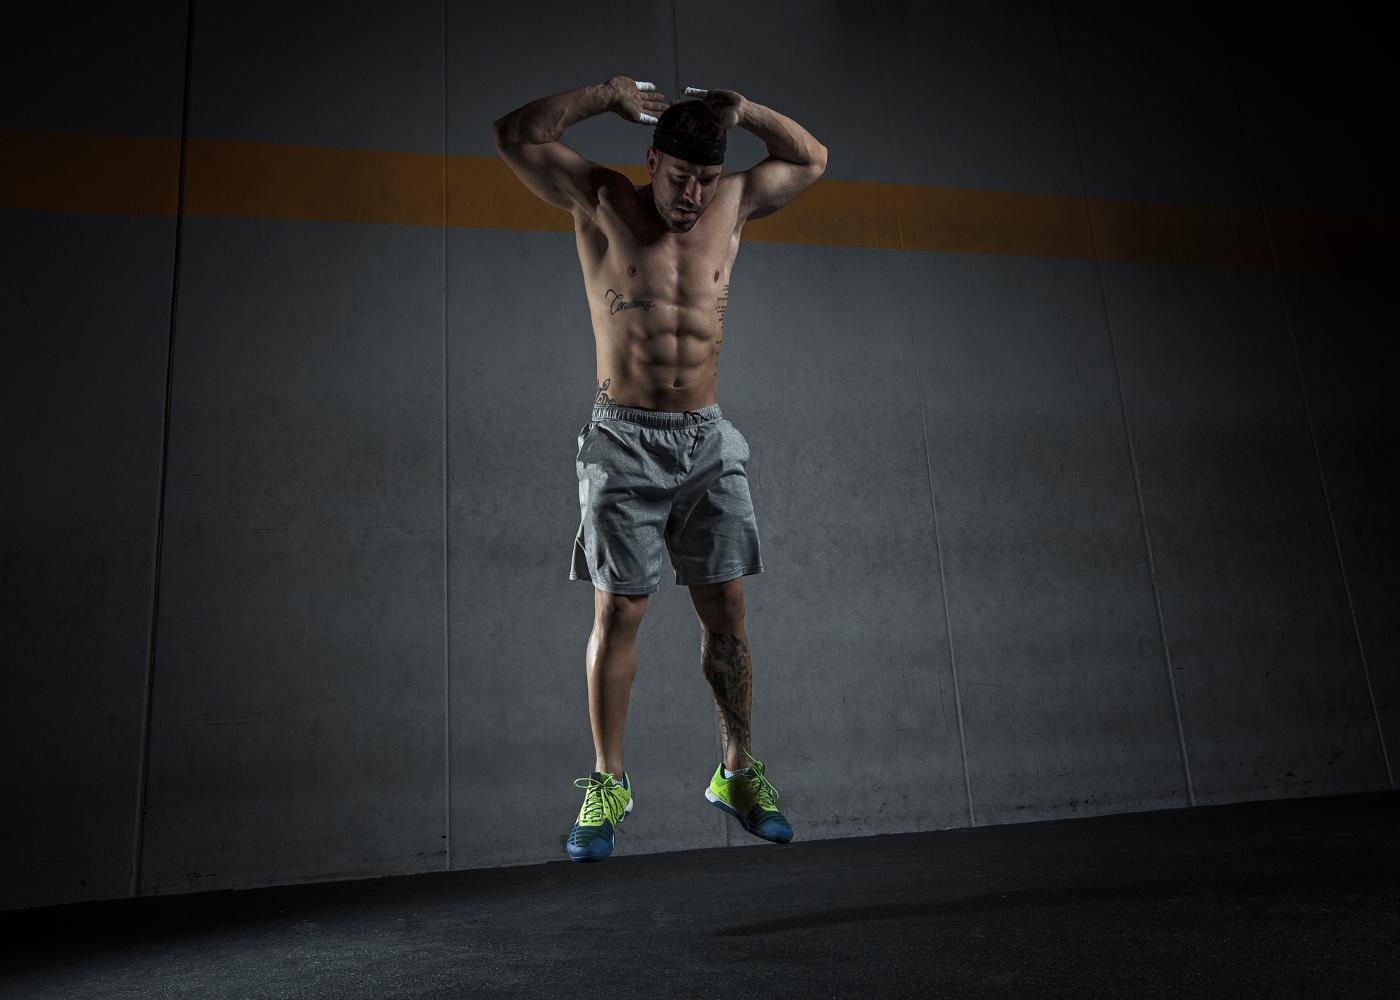 exercicios de resistencia para o fisico